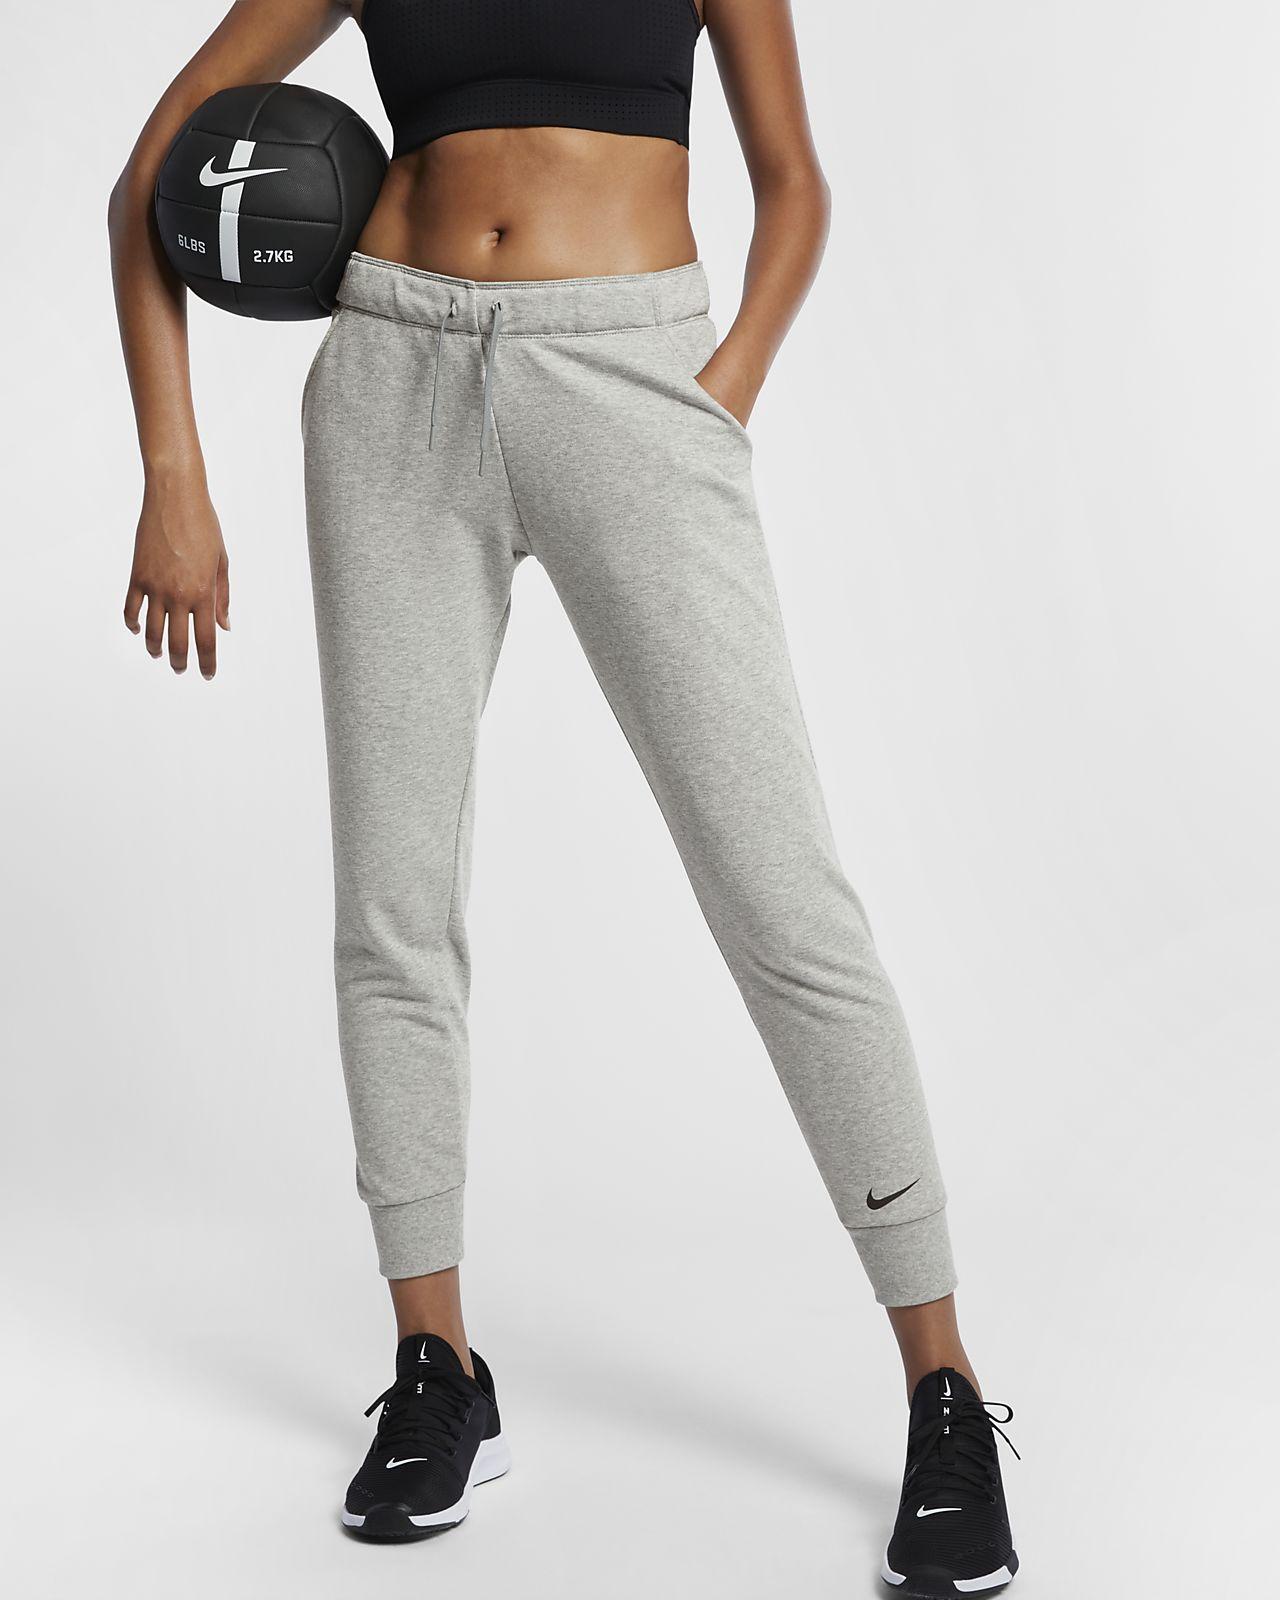 De Fit Dri Training Femme Nike Pour Pantalon Ca dIUptwdx